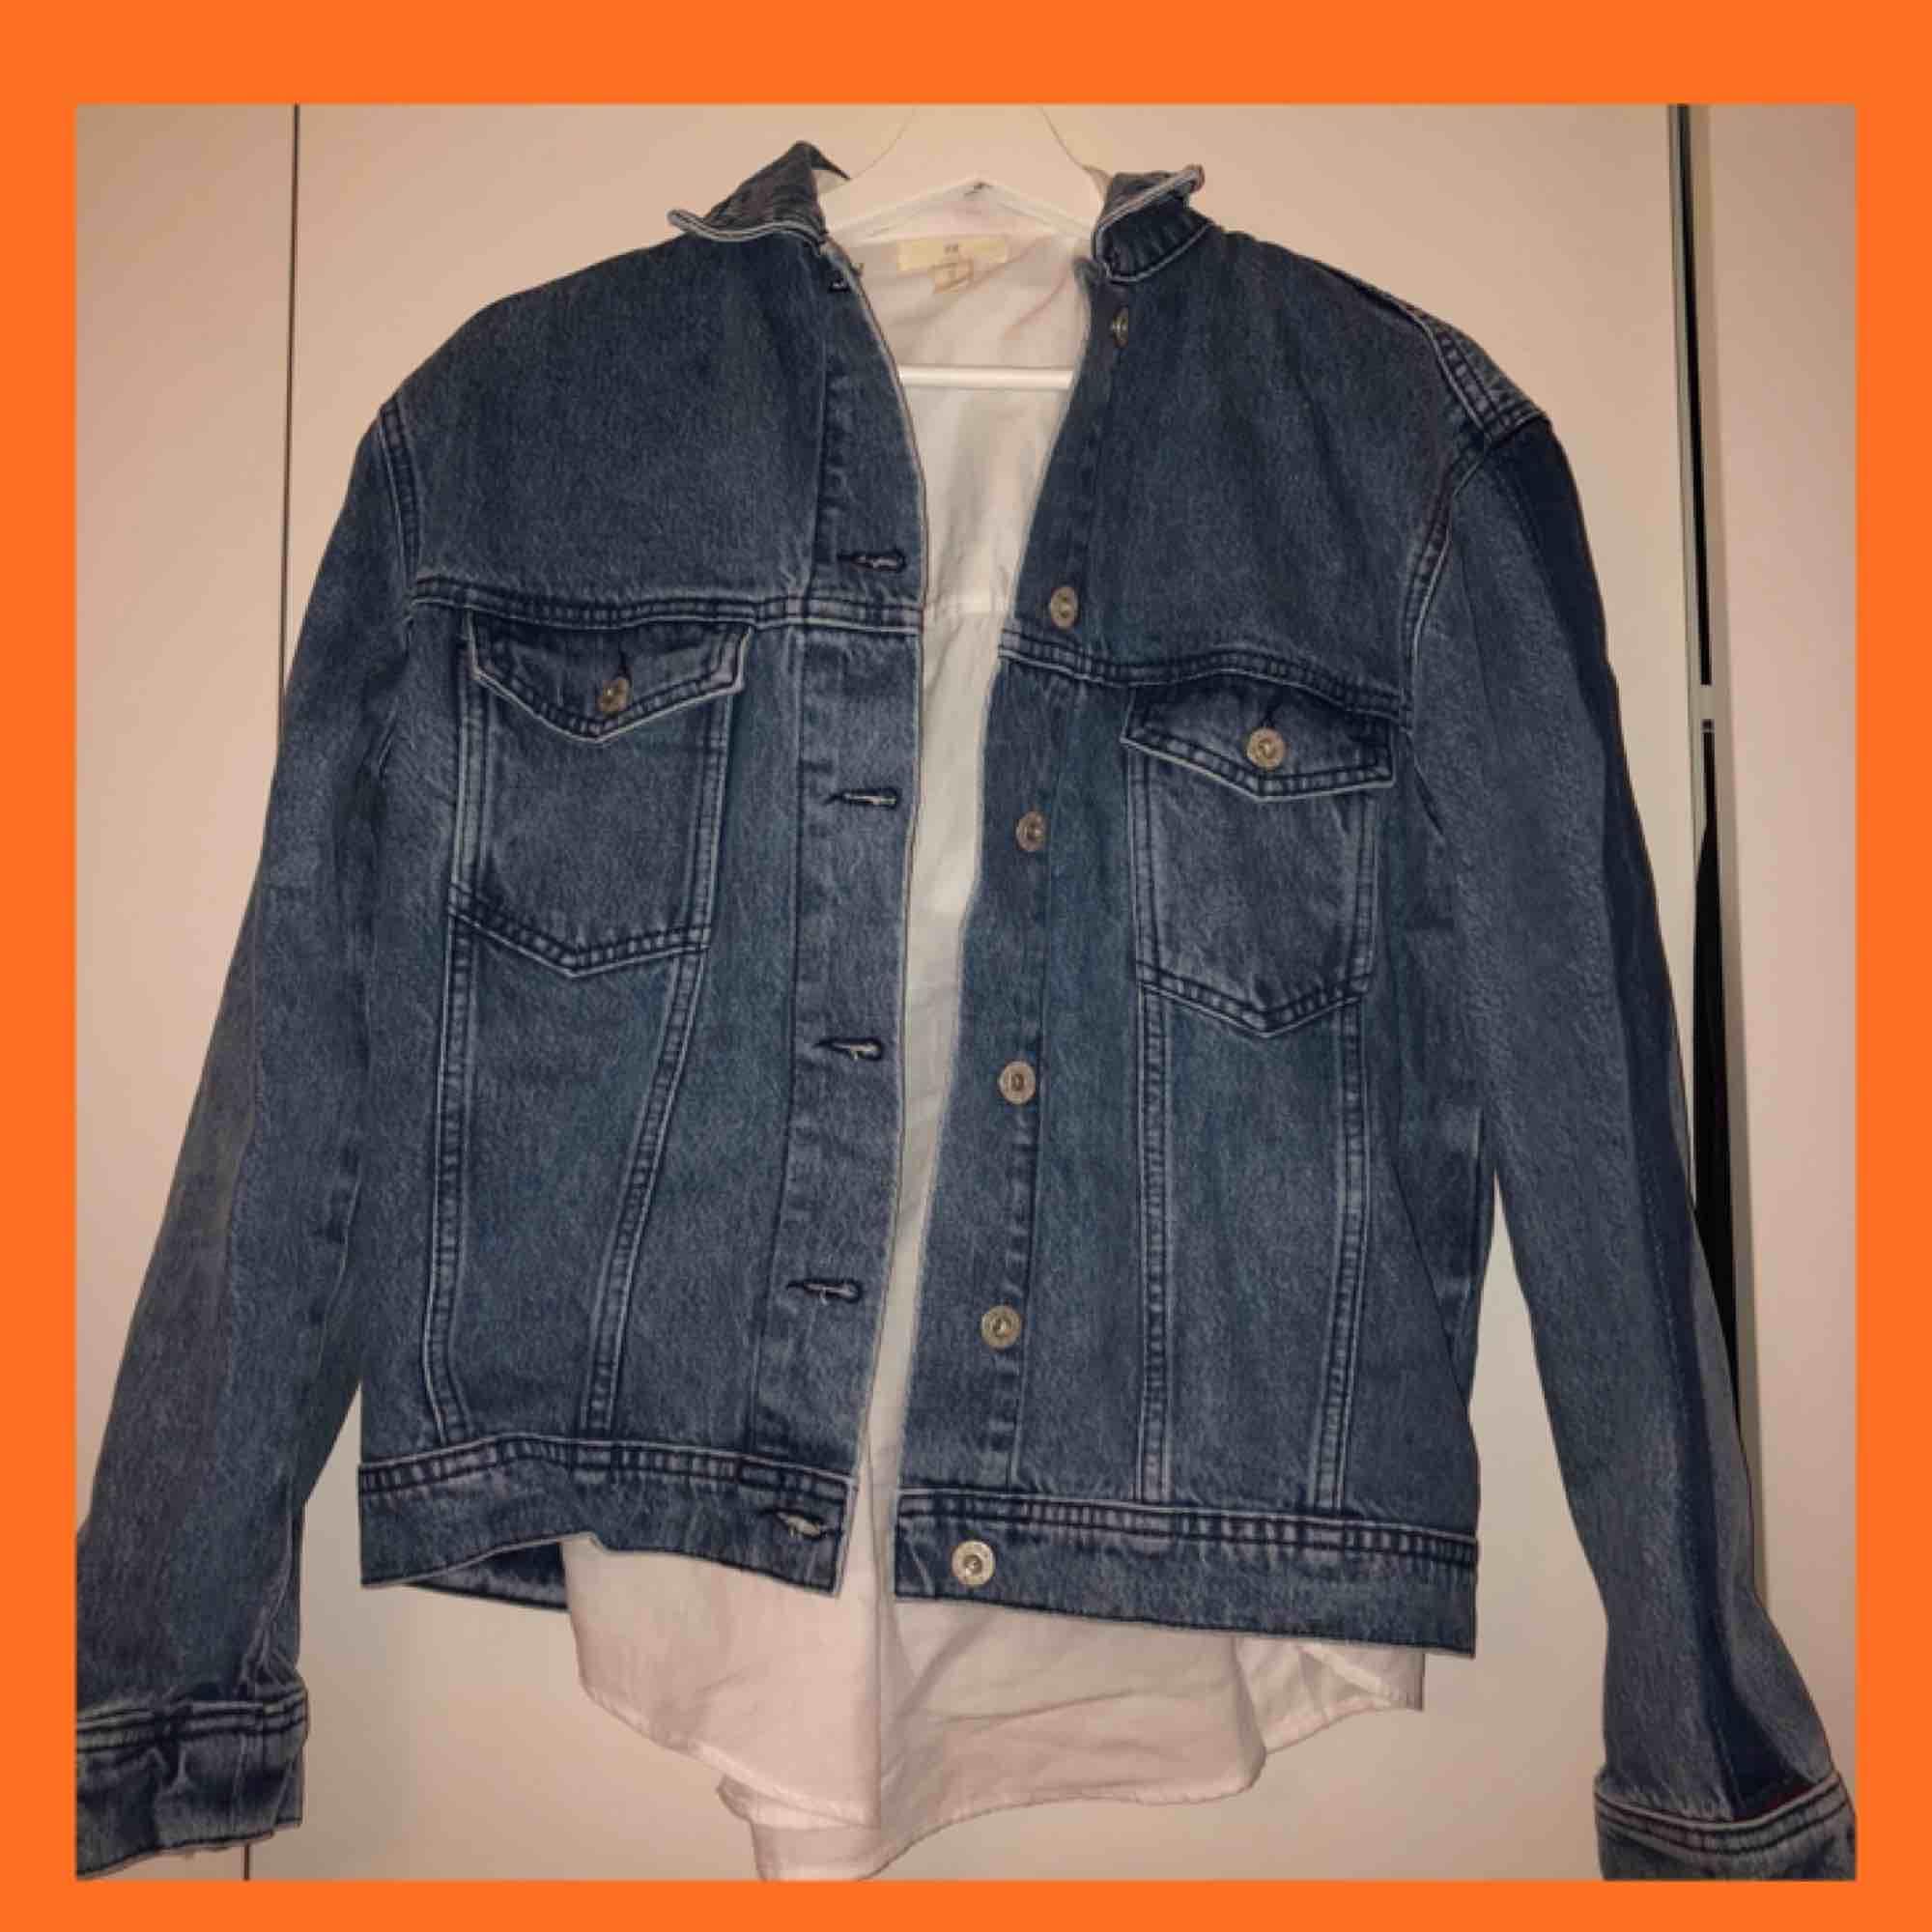 Helt ny jeansjacka från NAKD, köpte i Våras men har inte kommit till användning då jag hittade en lång jeansjacka som jag köpte istället. Hoppas denna kan få passa någon annan🥰. Jackor.